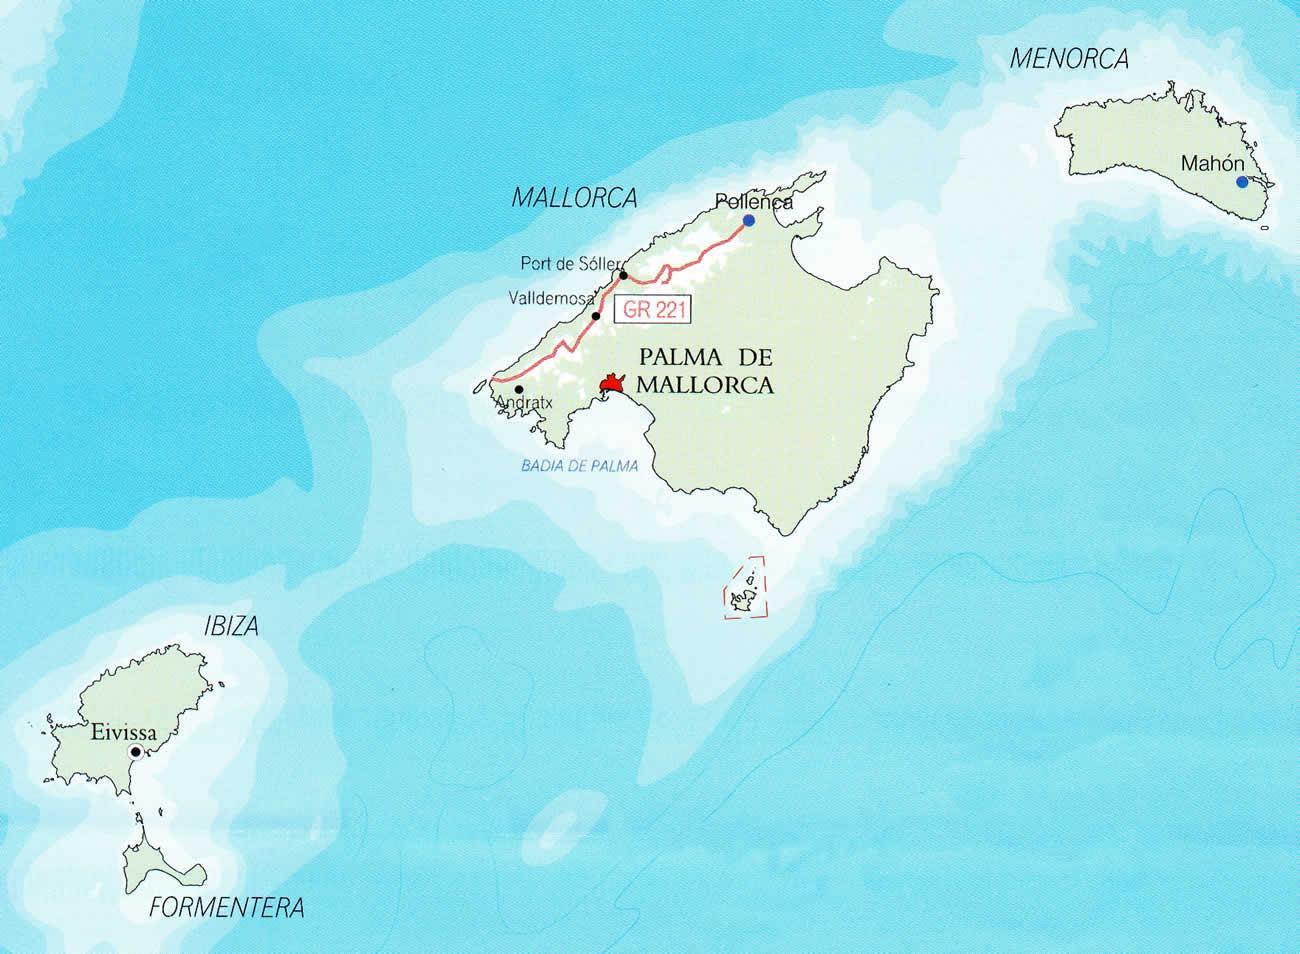 Parlamento de las islas baleares imagen - Islas de baleares ...